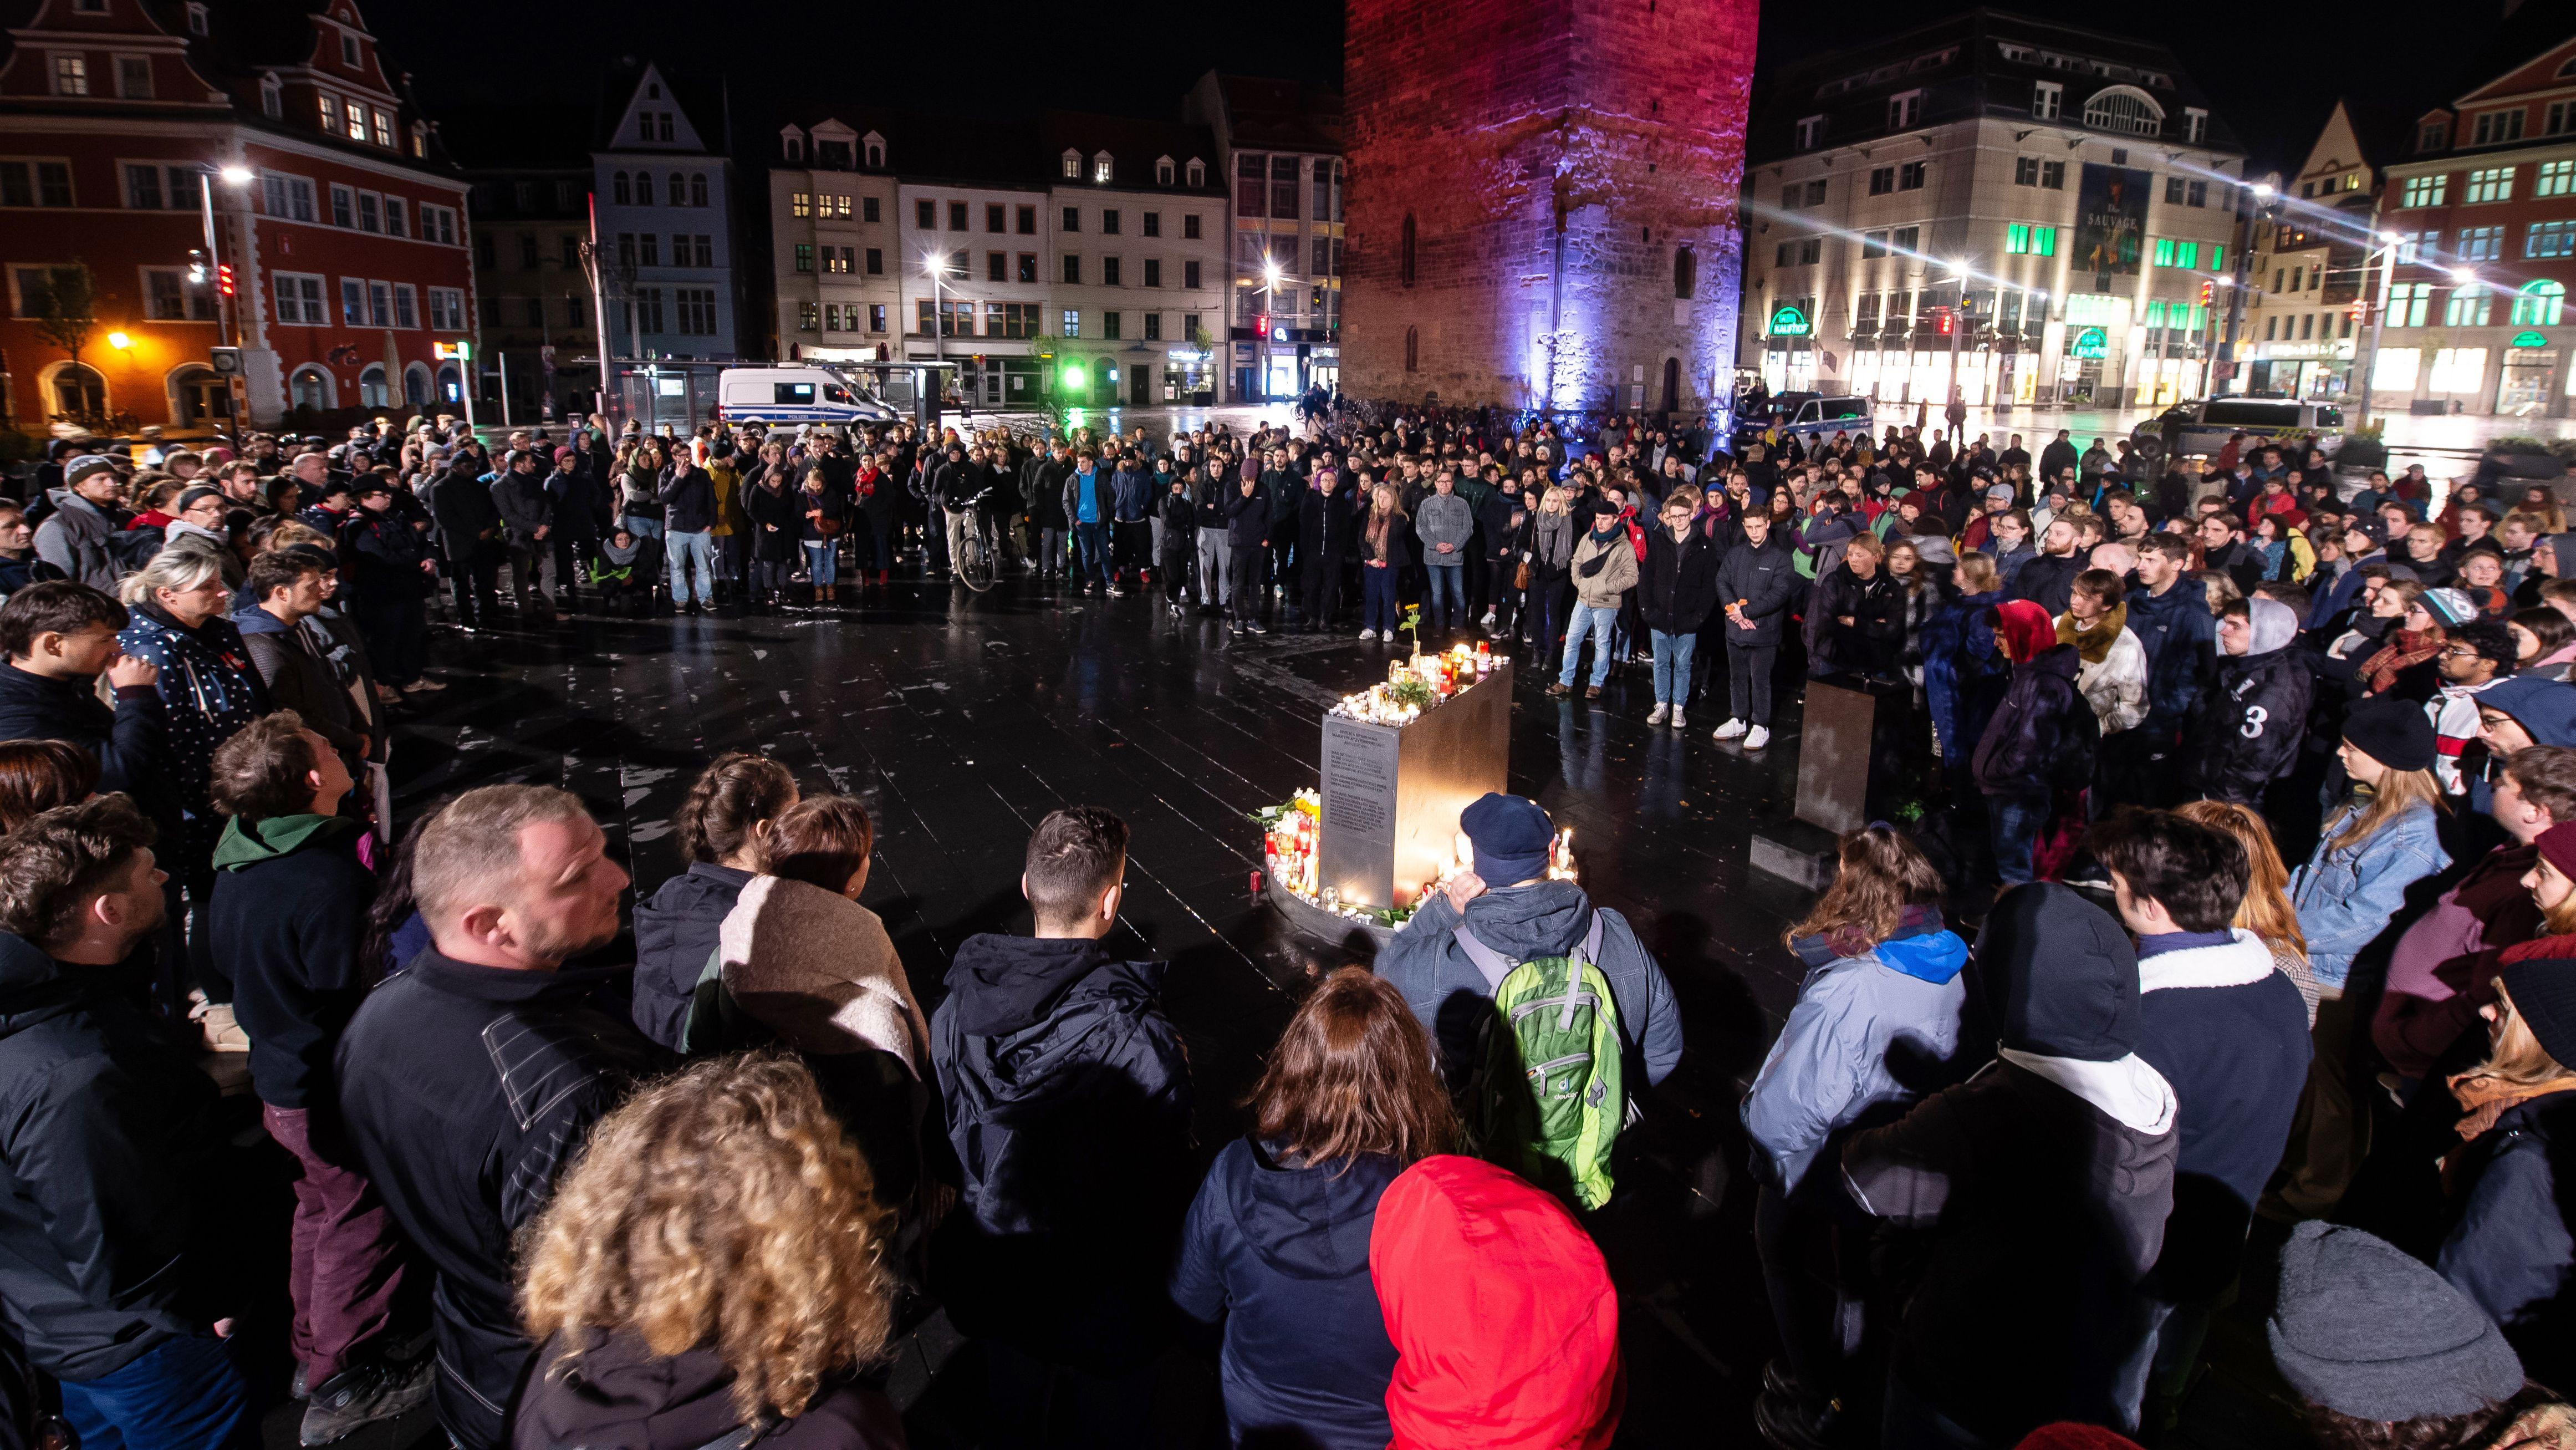 Halle: Trauernde vor dem Roten Turm auf dem Marktplatz